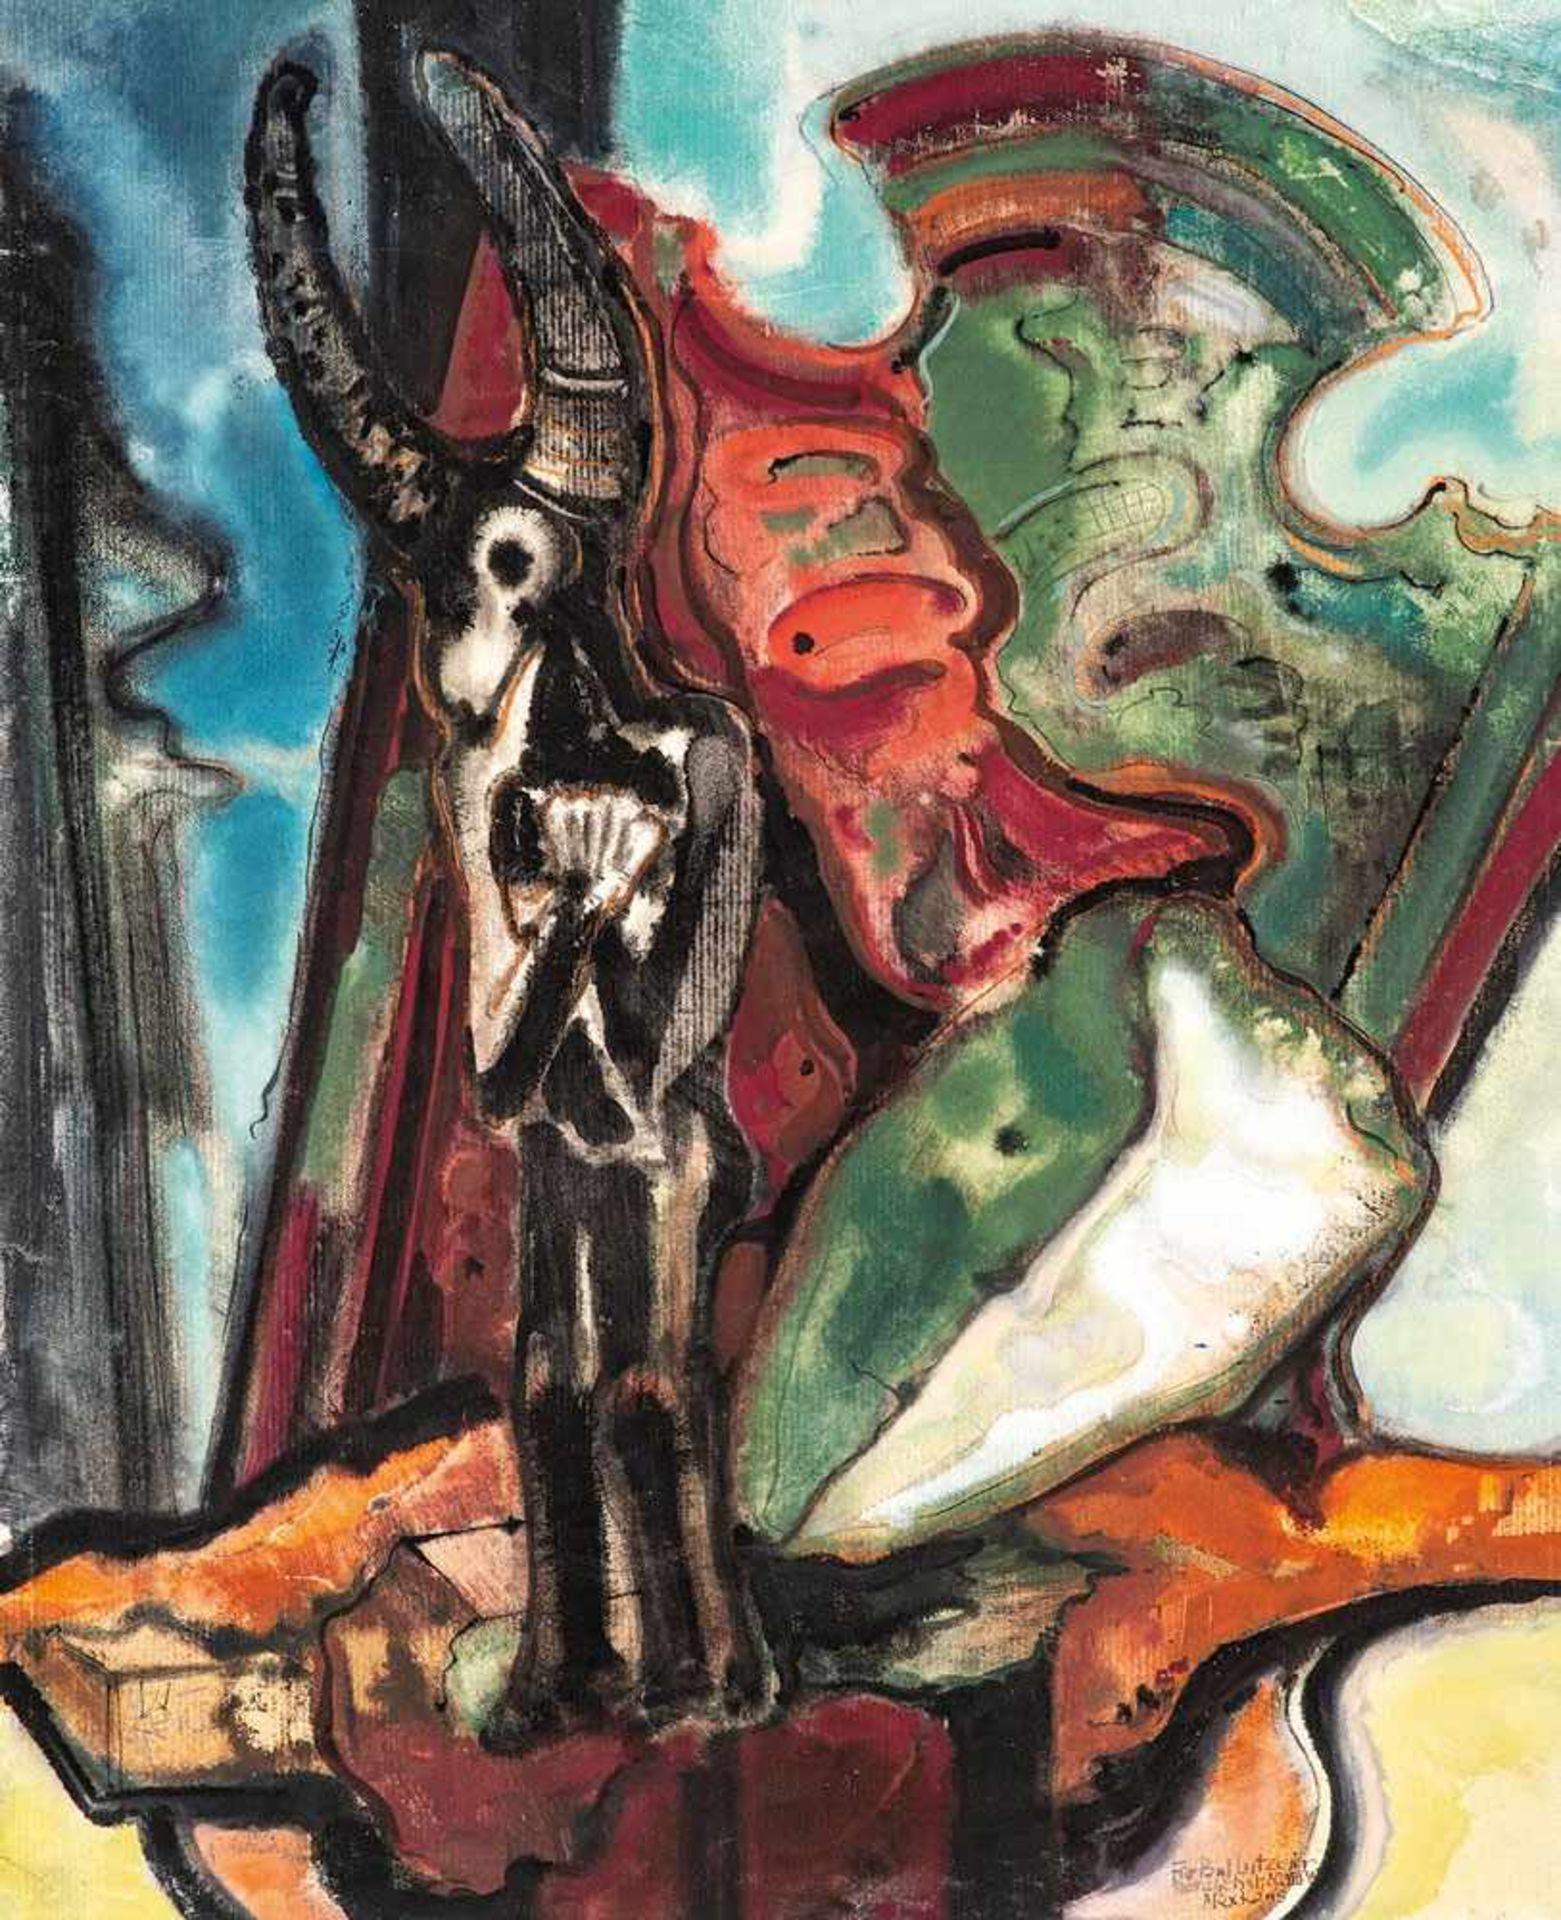 Max Kaus (1891 - Berlin - 1977)Stuhl mit Maske und Wächterfigur.Mischtechnik. 1948. 680 x 550 mm.